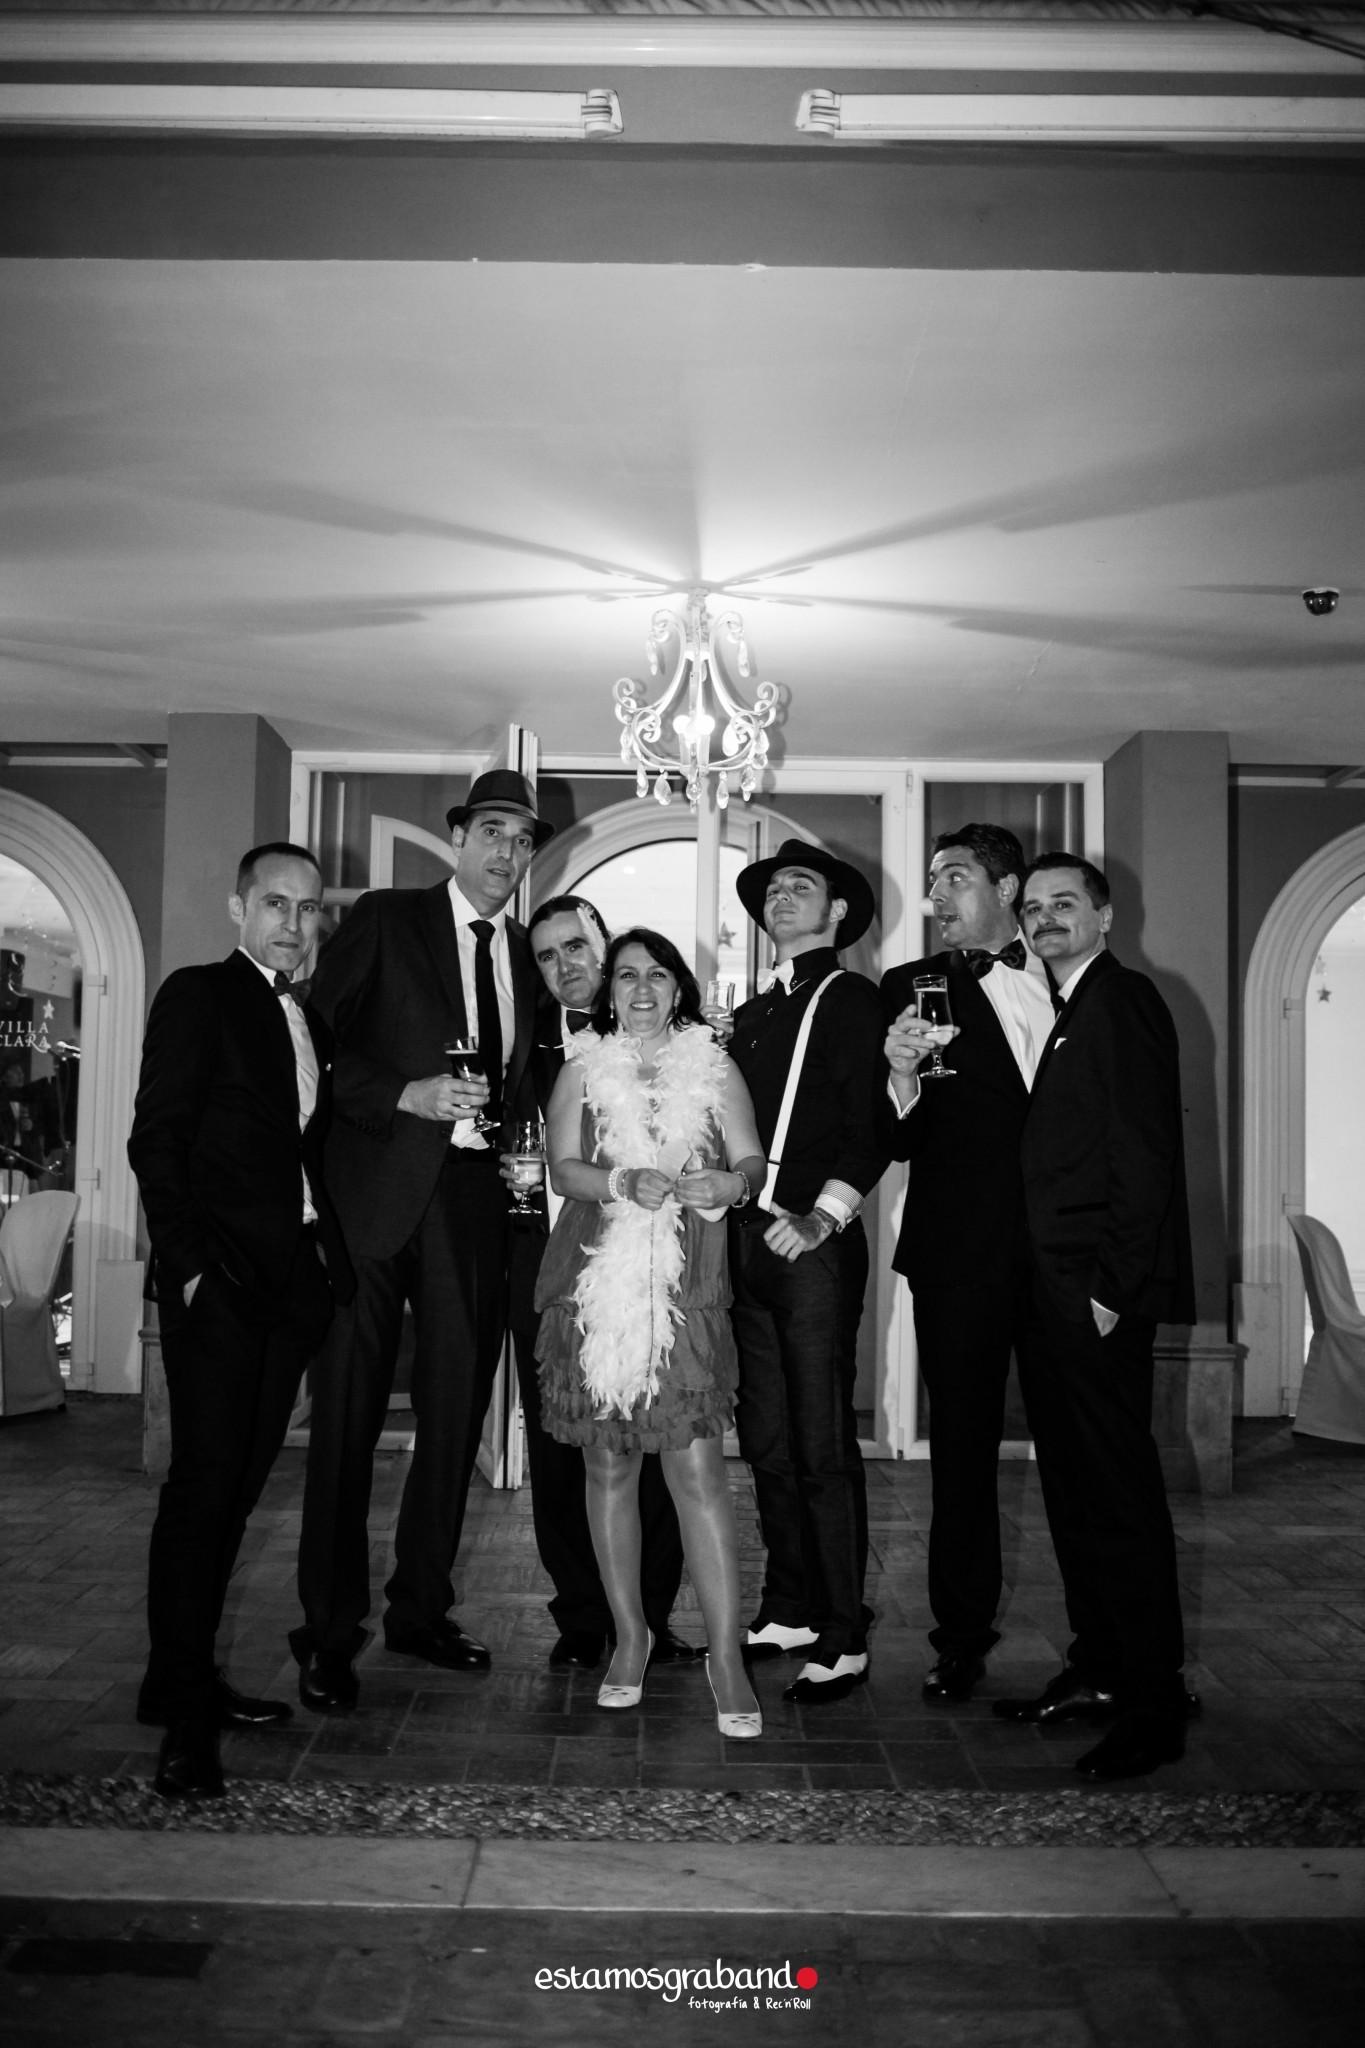 Años-20-BBTP-44-de-109 Los locos Años 20 [Fotografía en La Teta de Julieta, Cádiz] - video boda cadiz